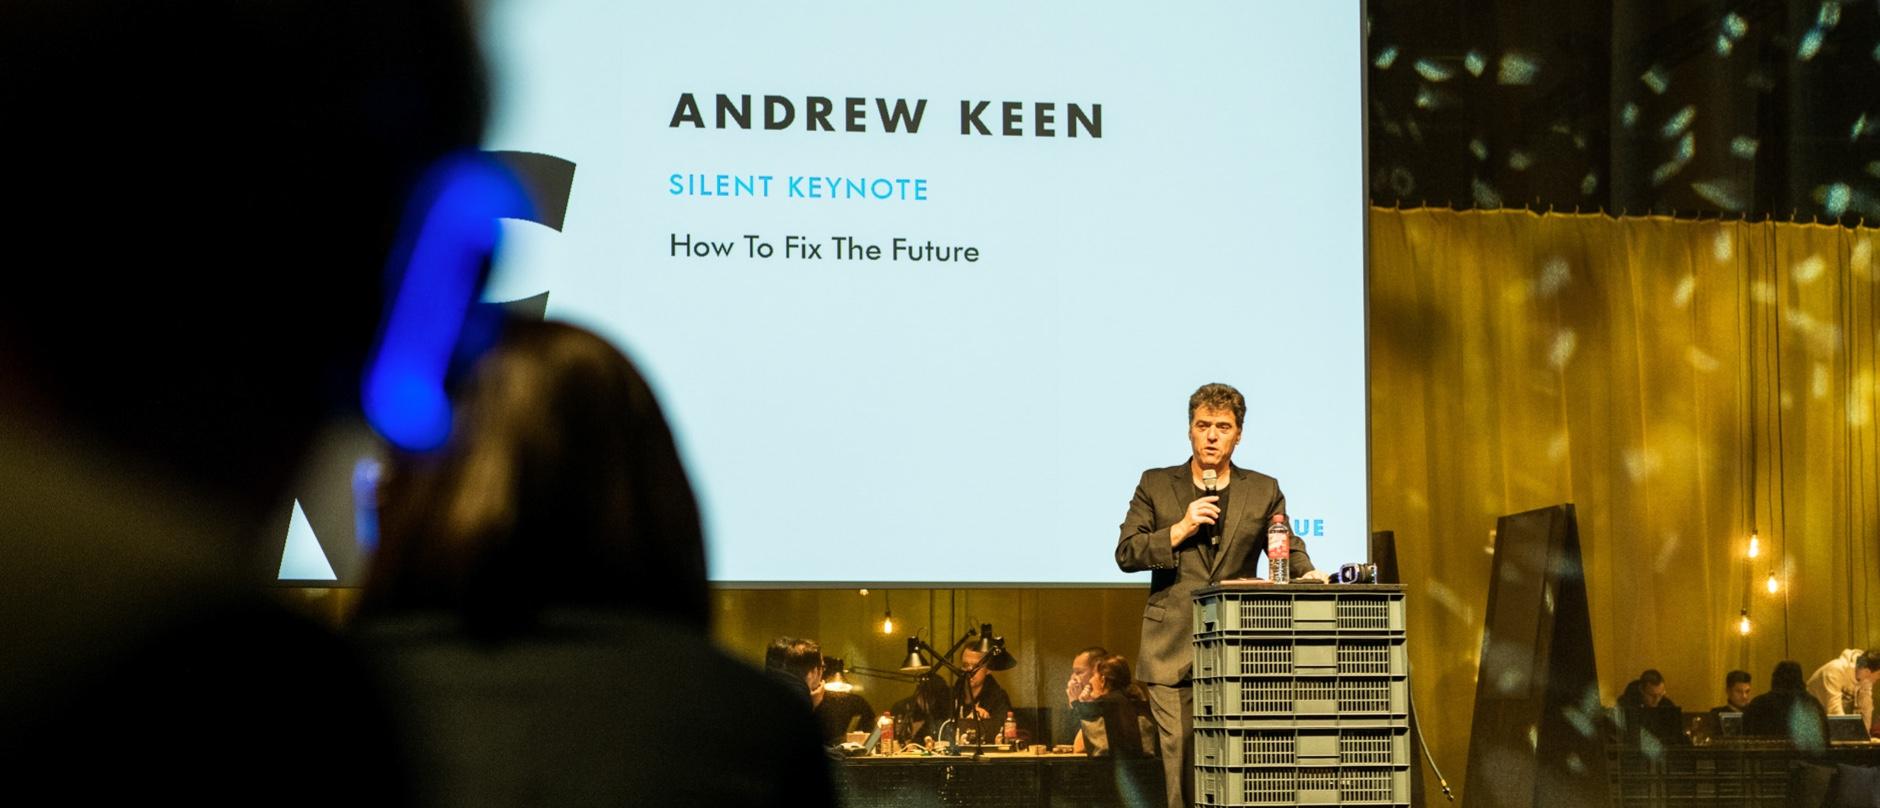 Speaker Andrew Keen auf der Bühne beim Silent Keynote.